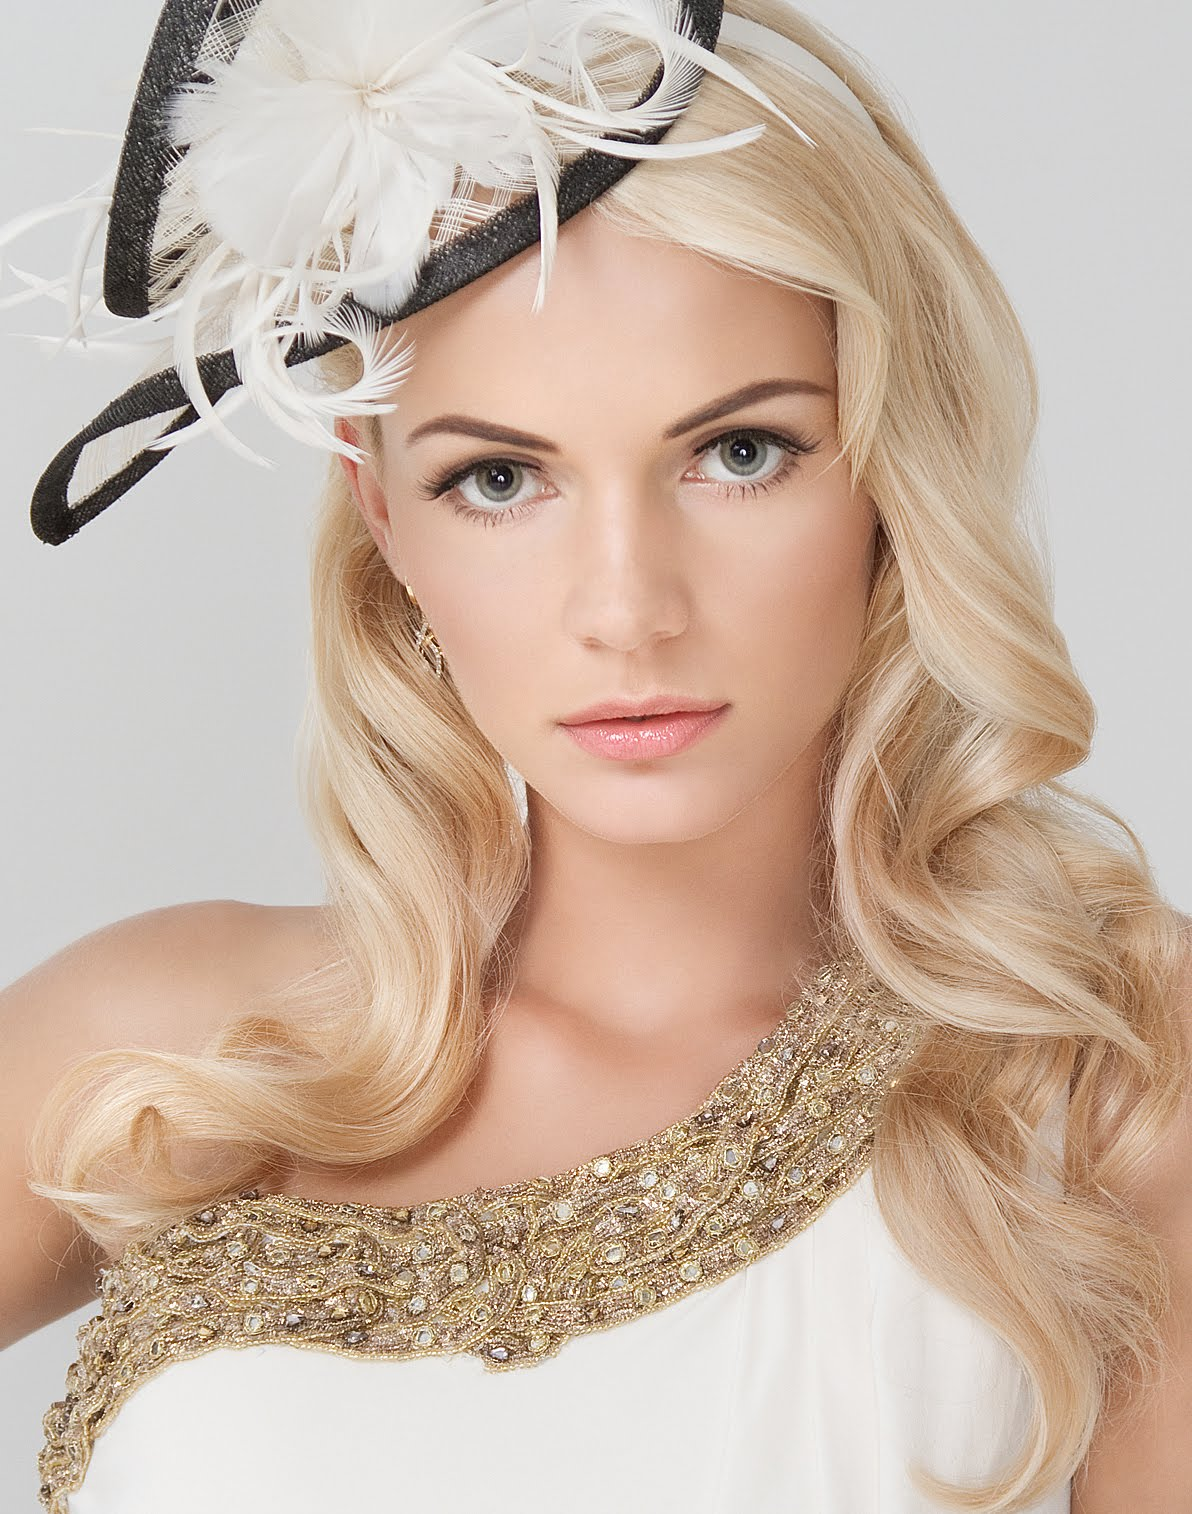 Фото красивых девушек украины 17 фотография